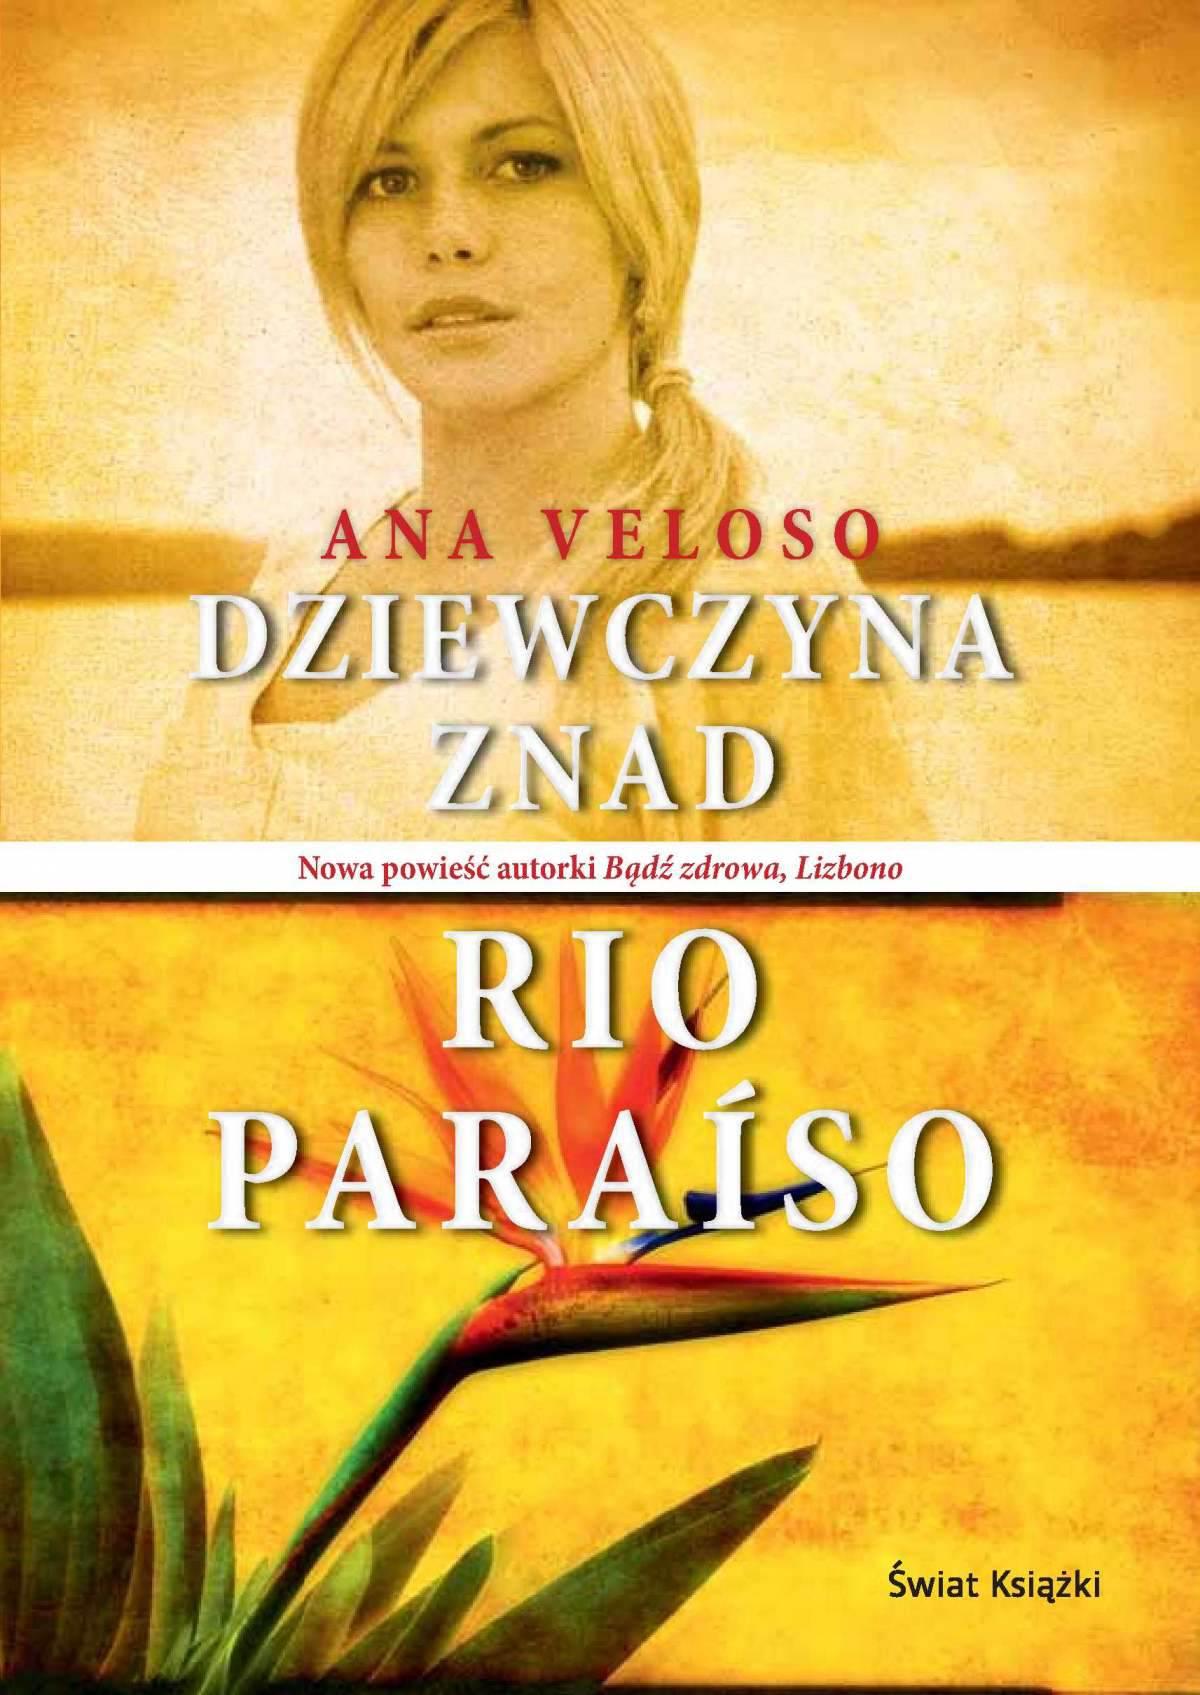 Dziewczyna znad Rio Paraiso - Ebook (Książka na Kindle) do pobrania w formacie MOBI